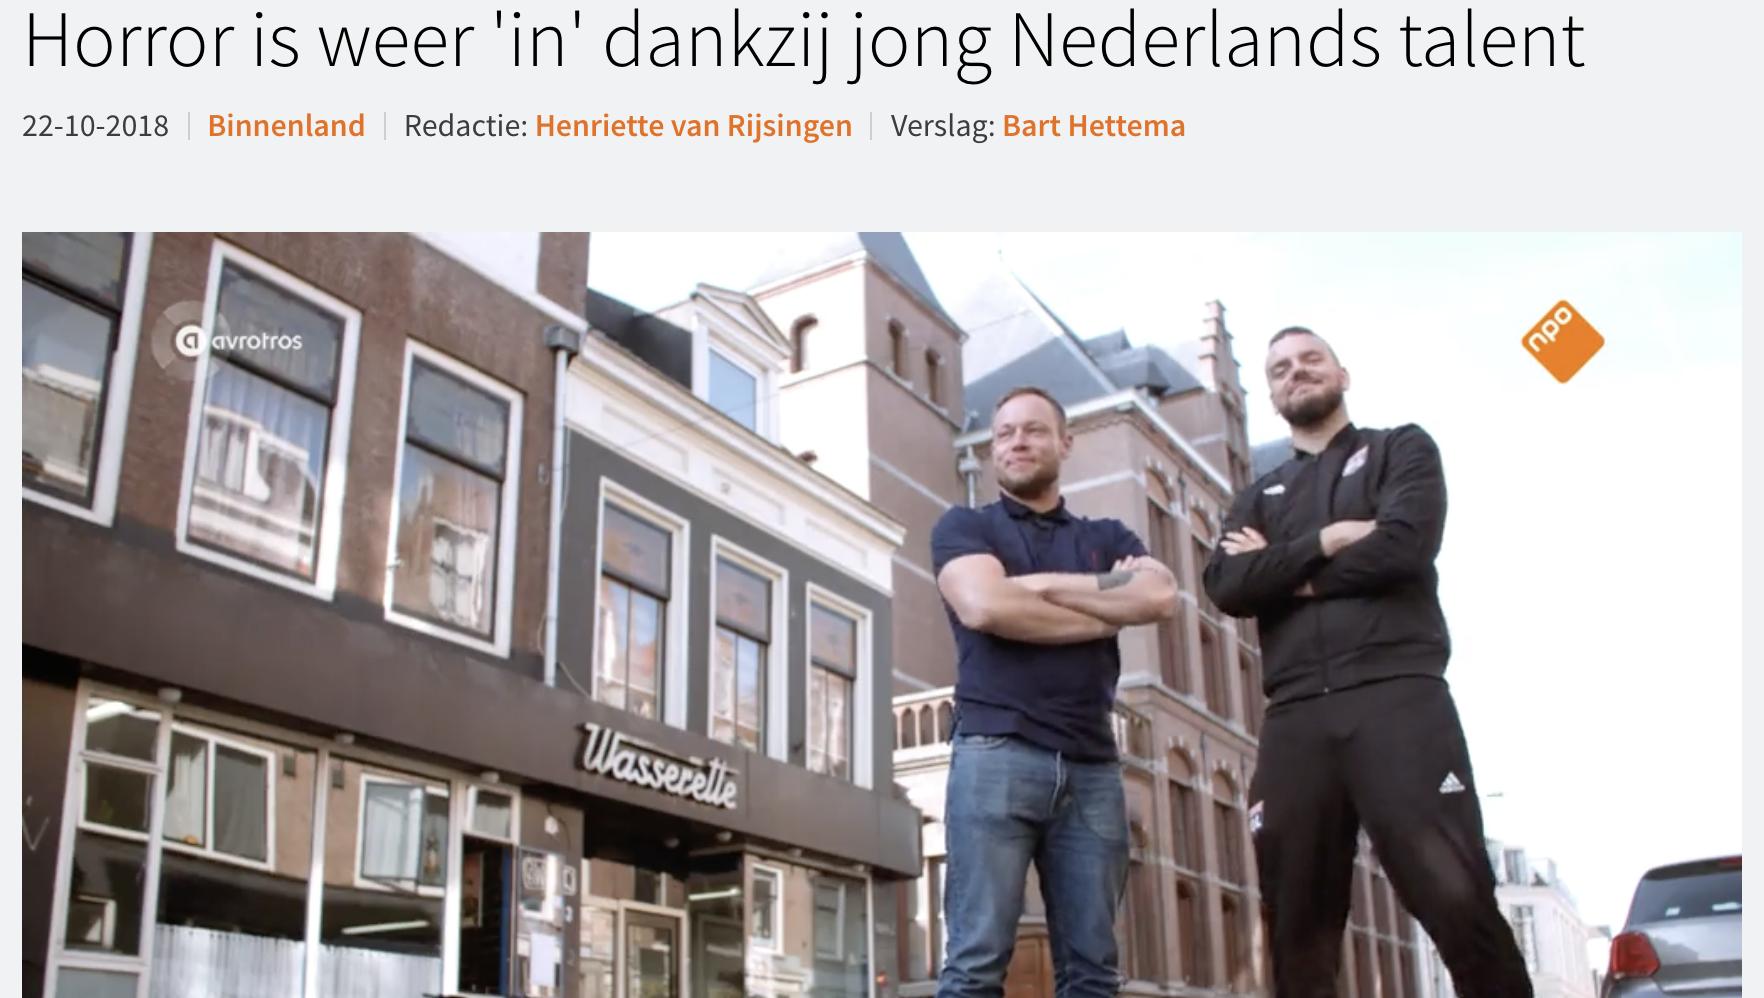 Watch the full video at Een Vandaag